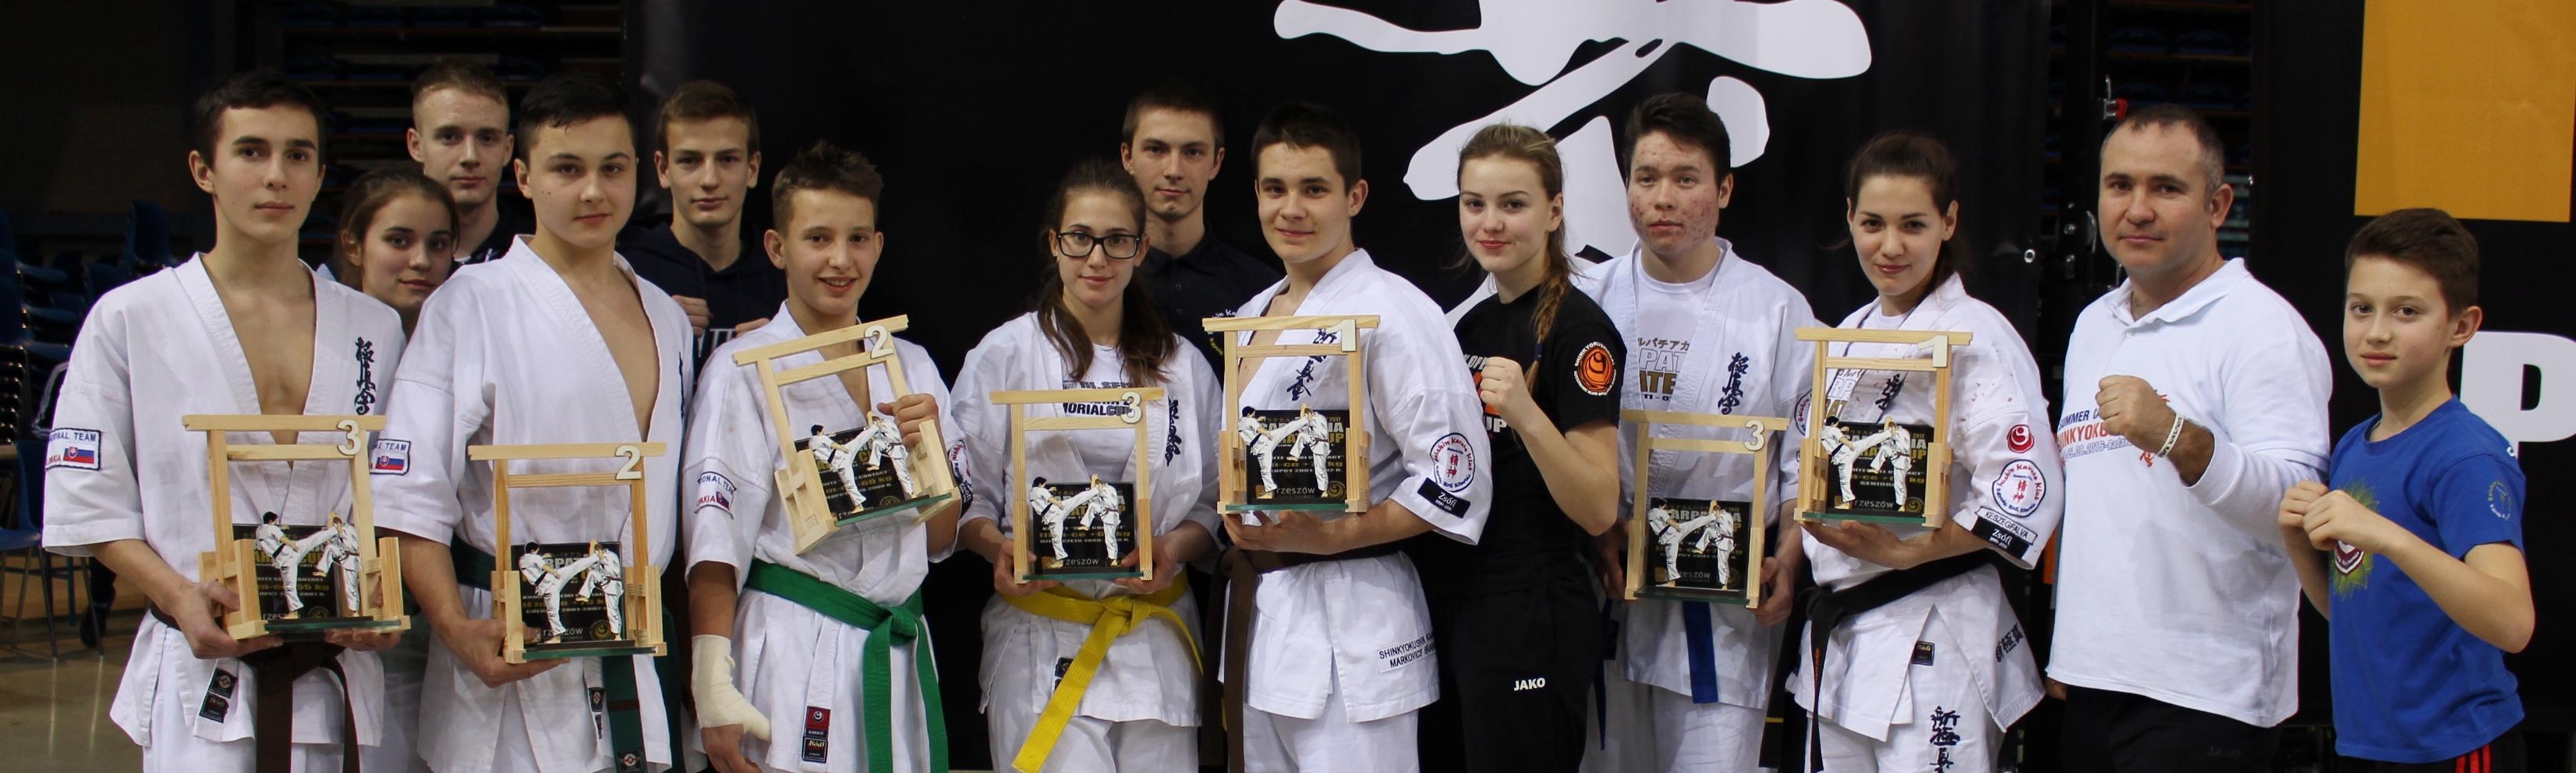 Nyílt Lengyel bajnokság